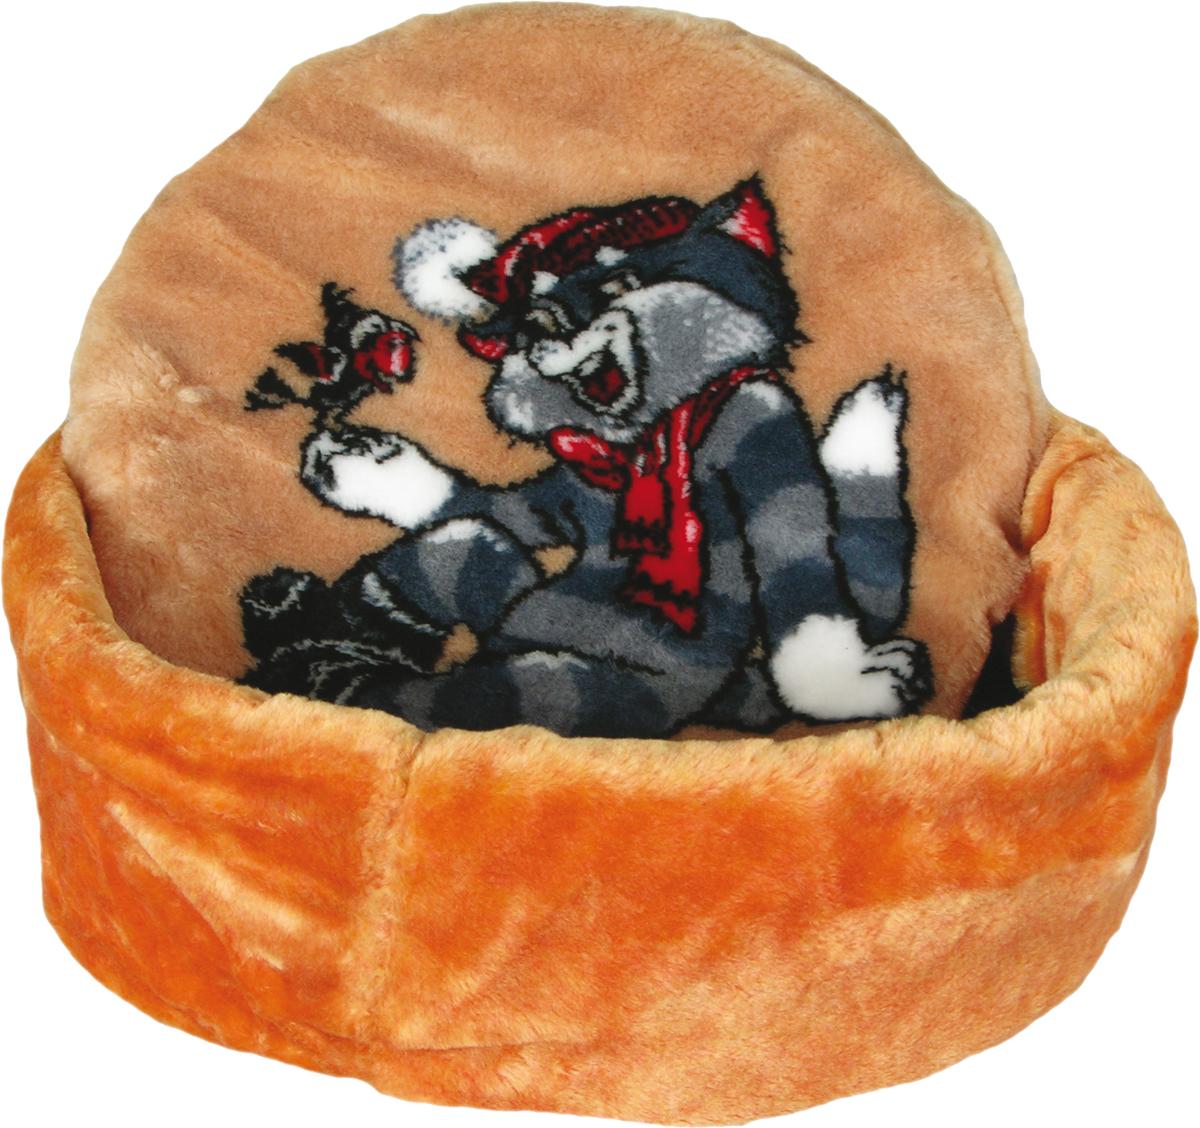 Лежак для животных Зооник Матроскин, цвет: песочный, 48 х 18 см лежак дарэлл хантер лось 1 с подушкой 45 33 14см